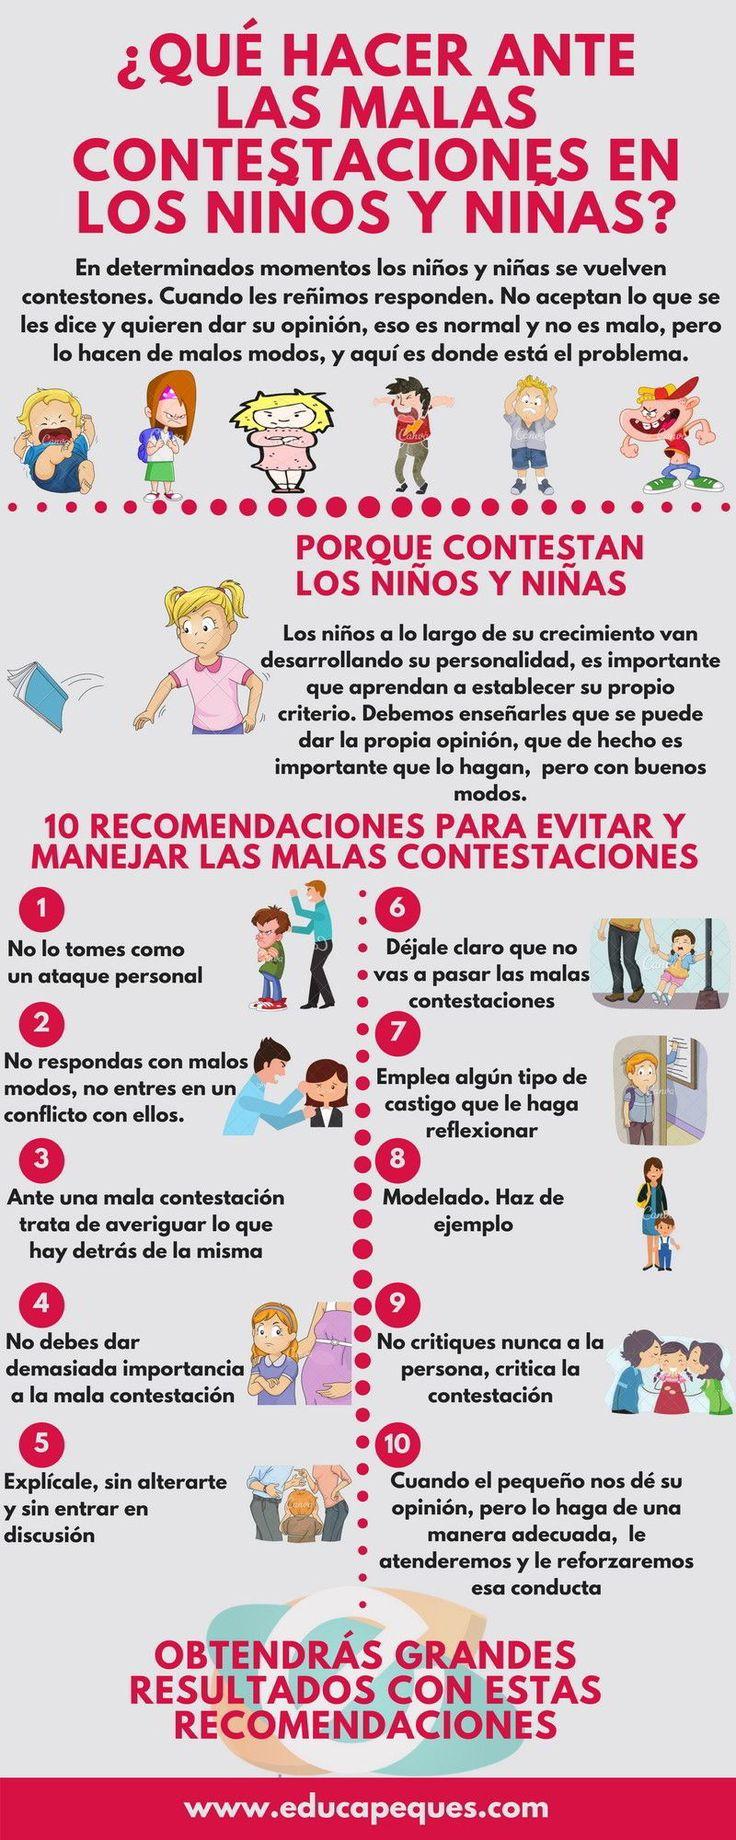 ¿Por qué dan malas contestaciones los niños y niñas?. 10 Consejos para frenar las malas contestaciones en los niños y niñas Aprende todo sobre de los bebes en somosmamas.com.ar.